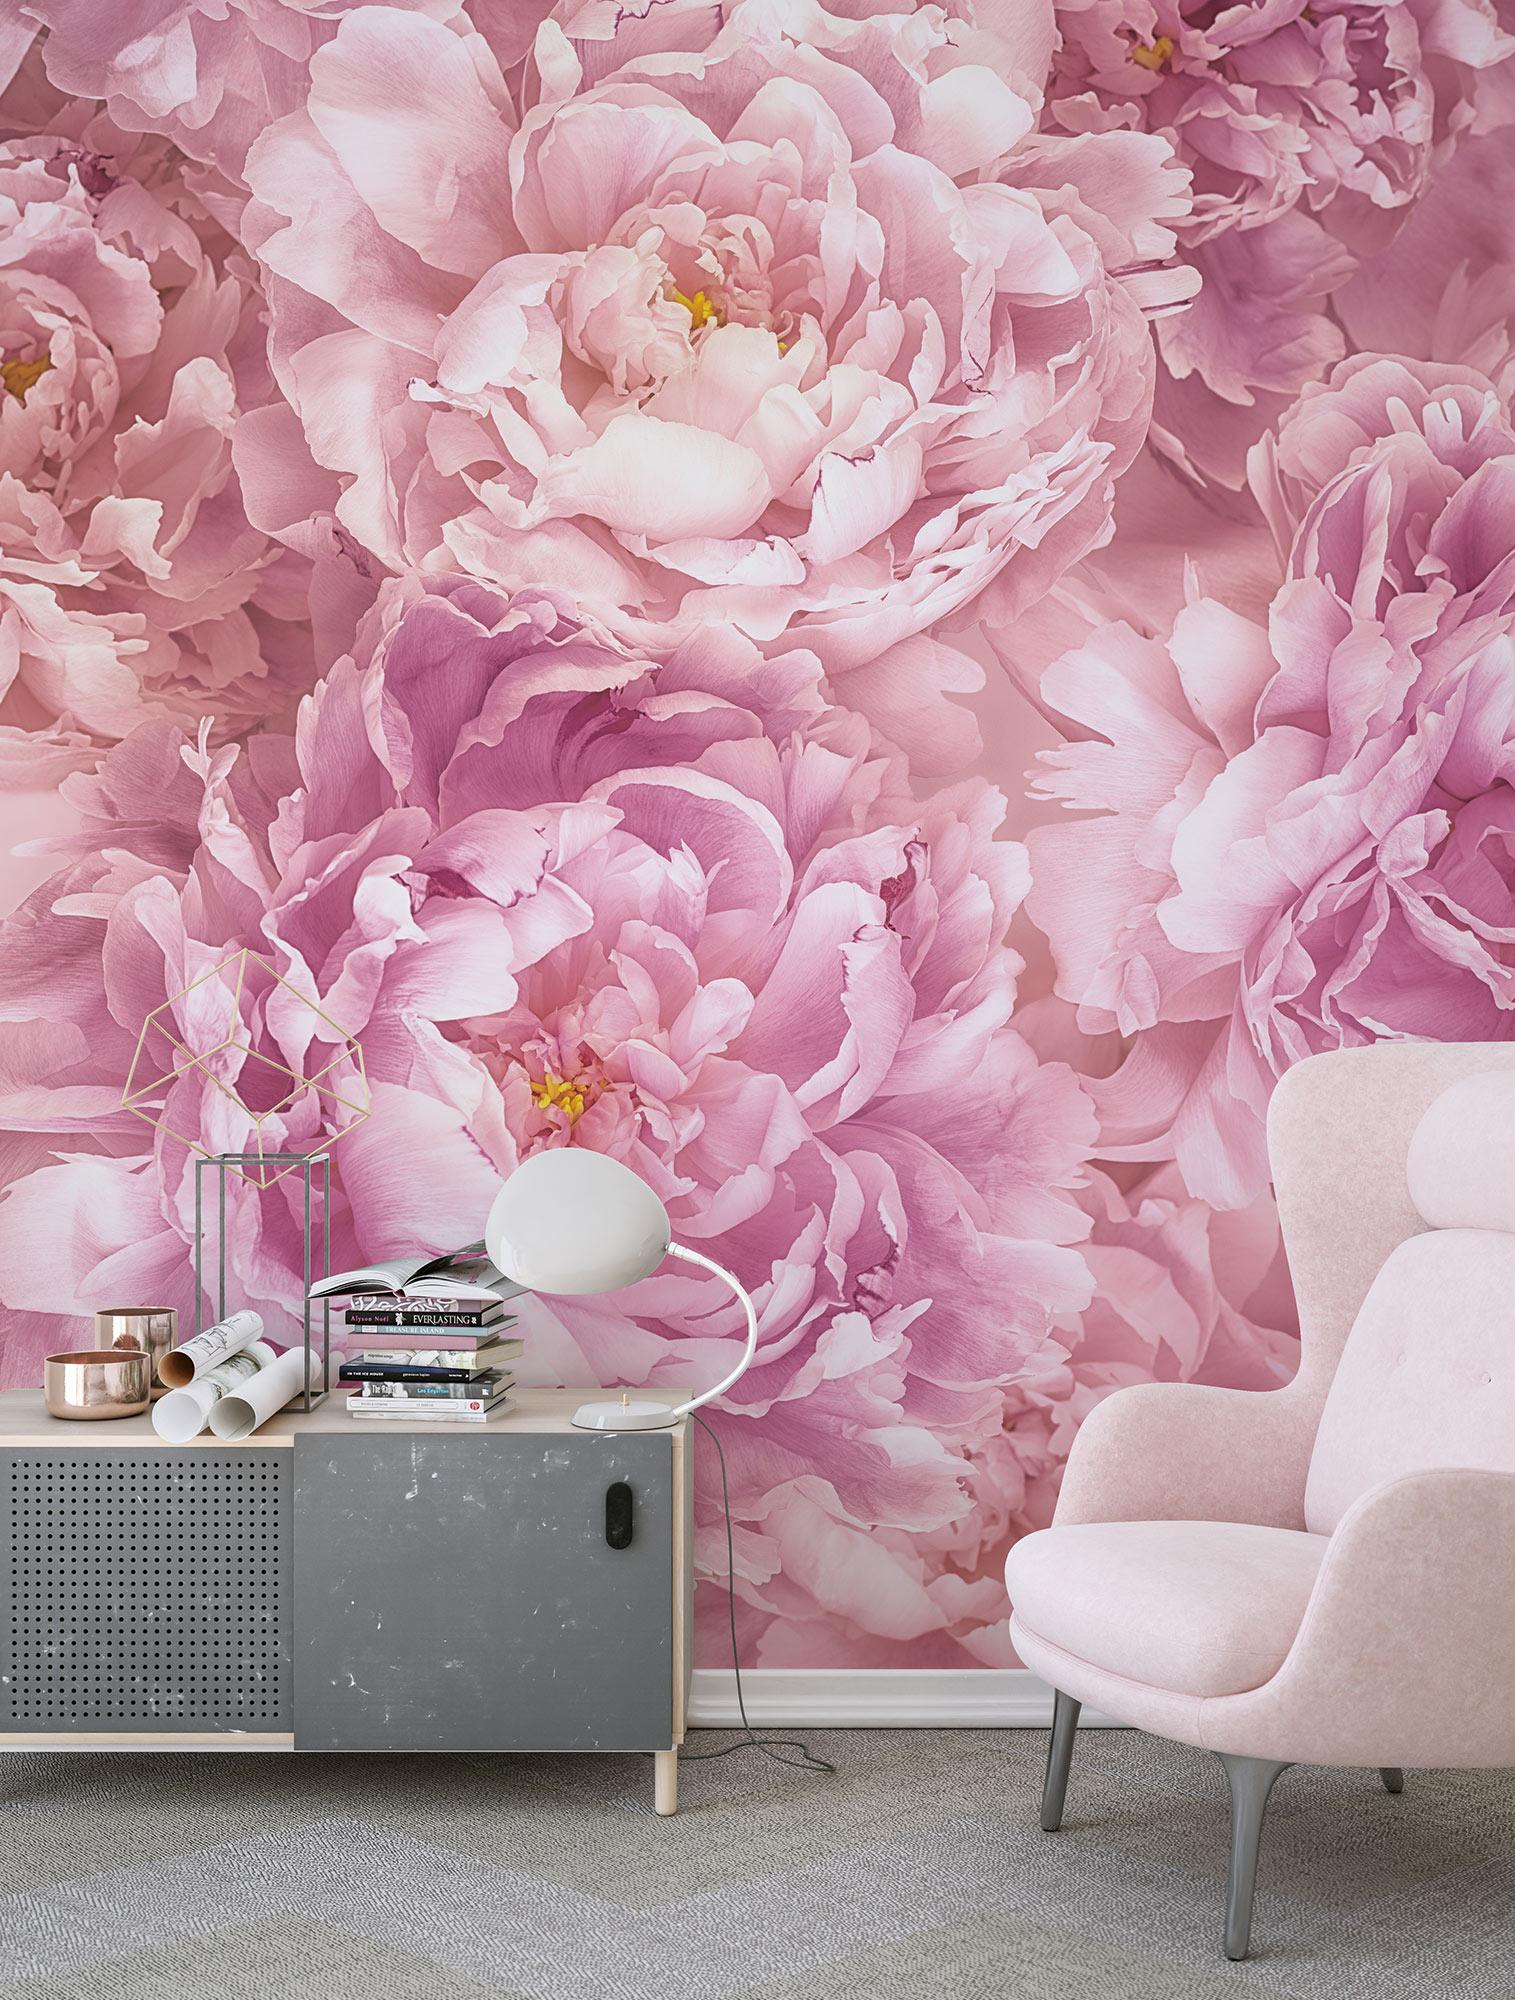 Papier peint panoramique fleurs Soave - Papier peint Komar AMB